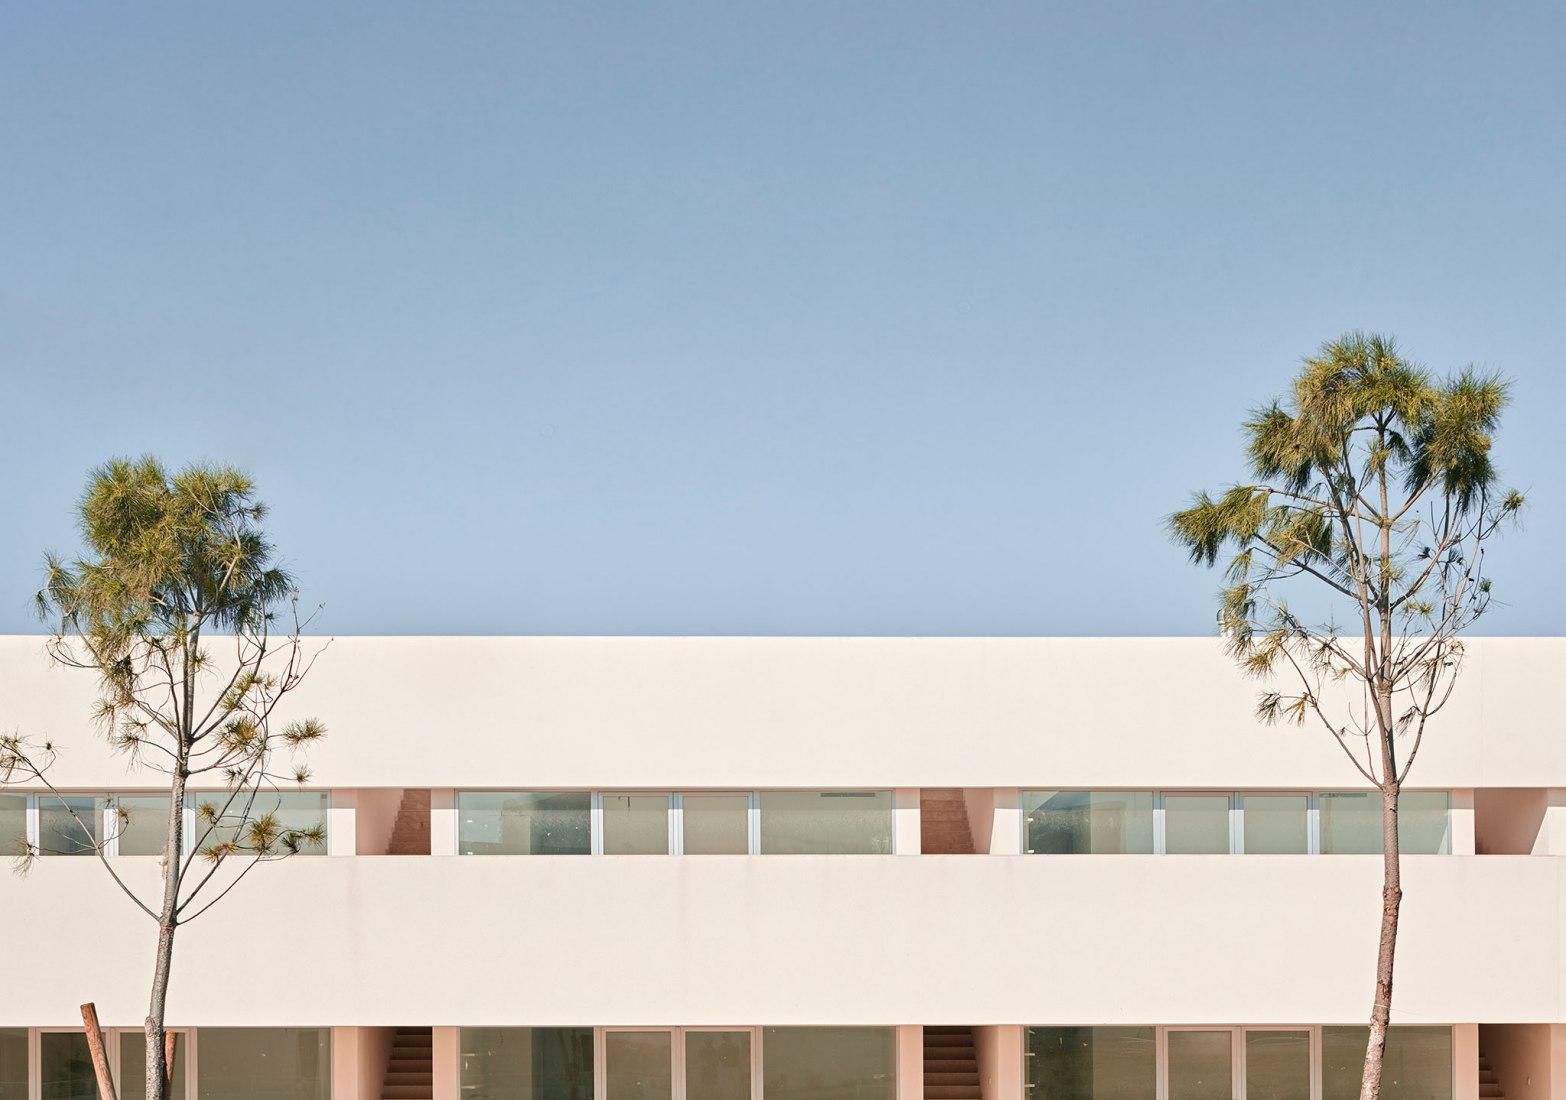 Residencial Mirasal por Balzar Arquitectos y Julia Alcocer. Fotografía por Mariela Apollonio